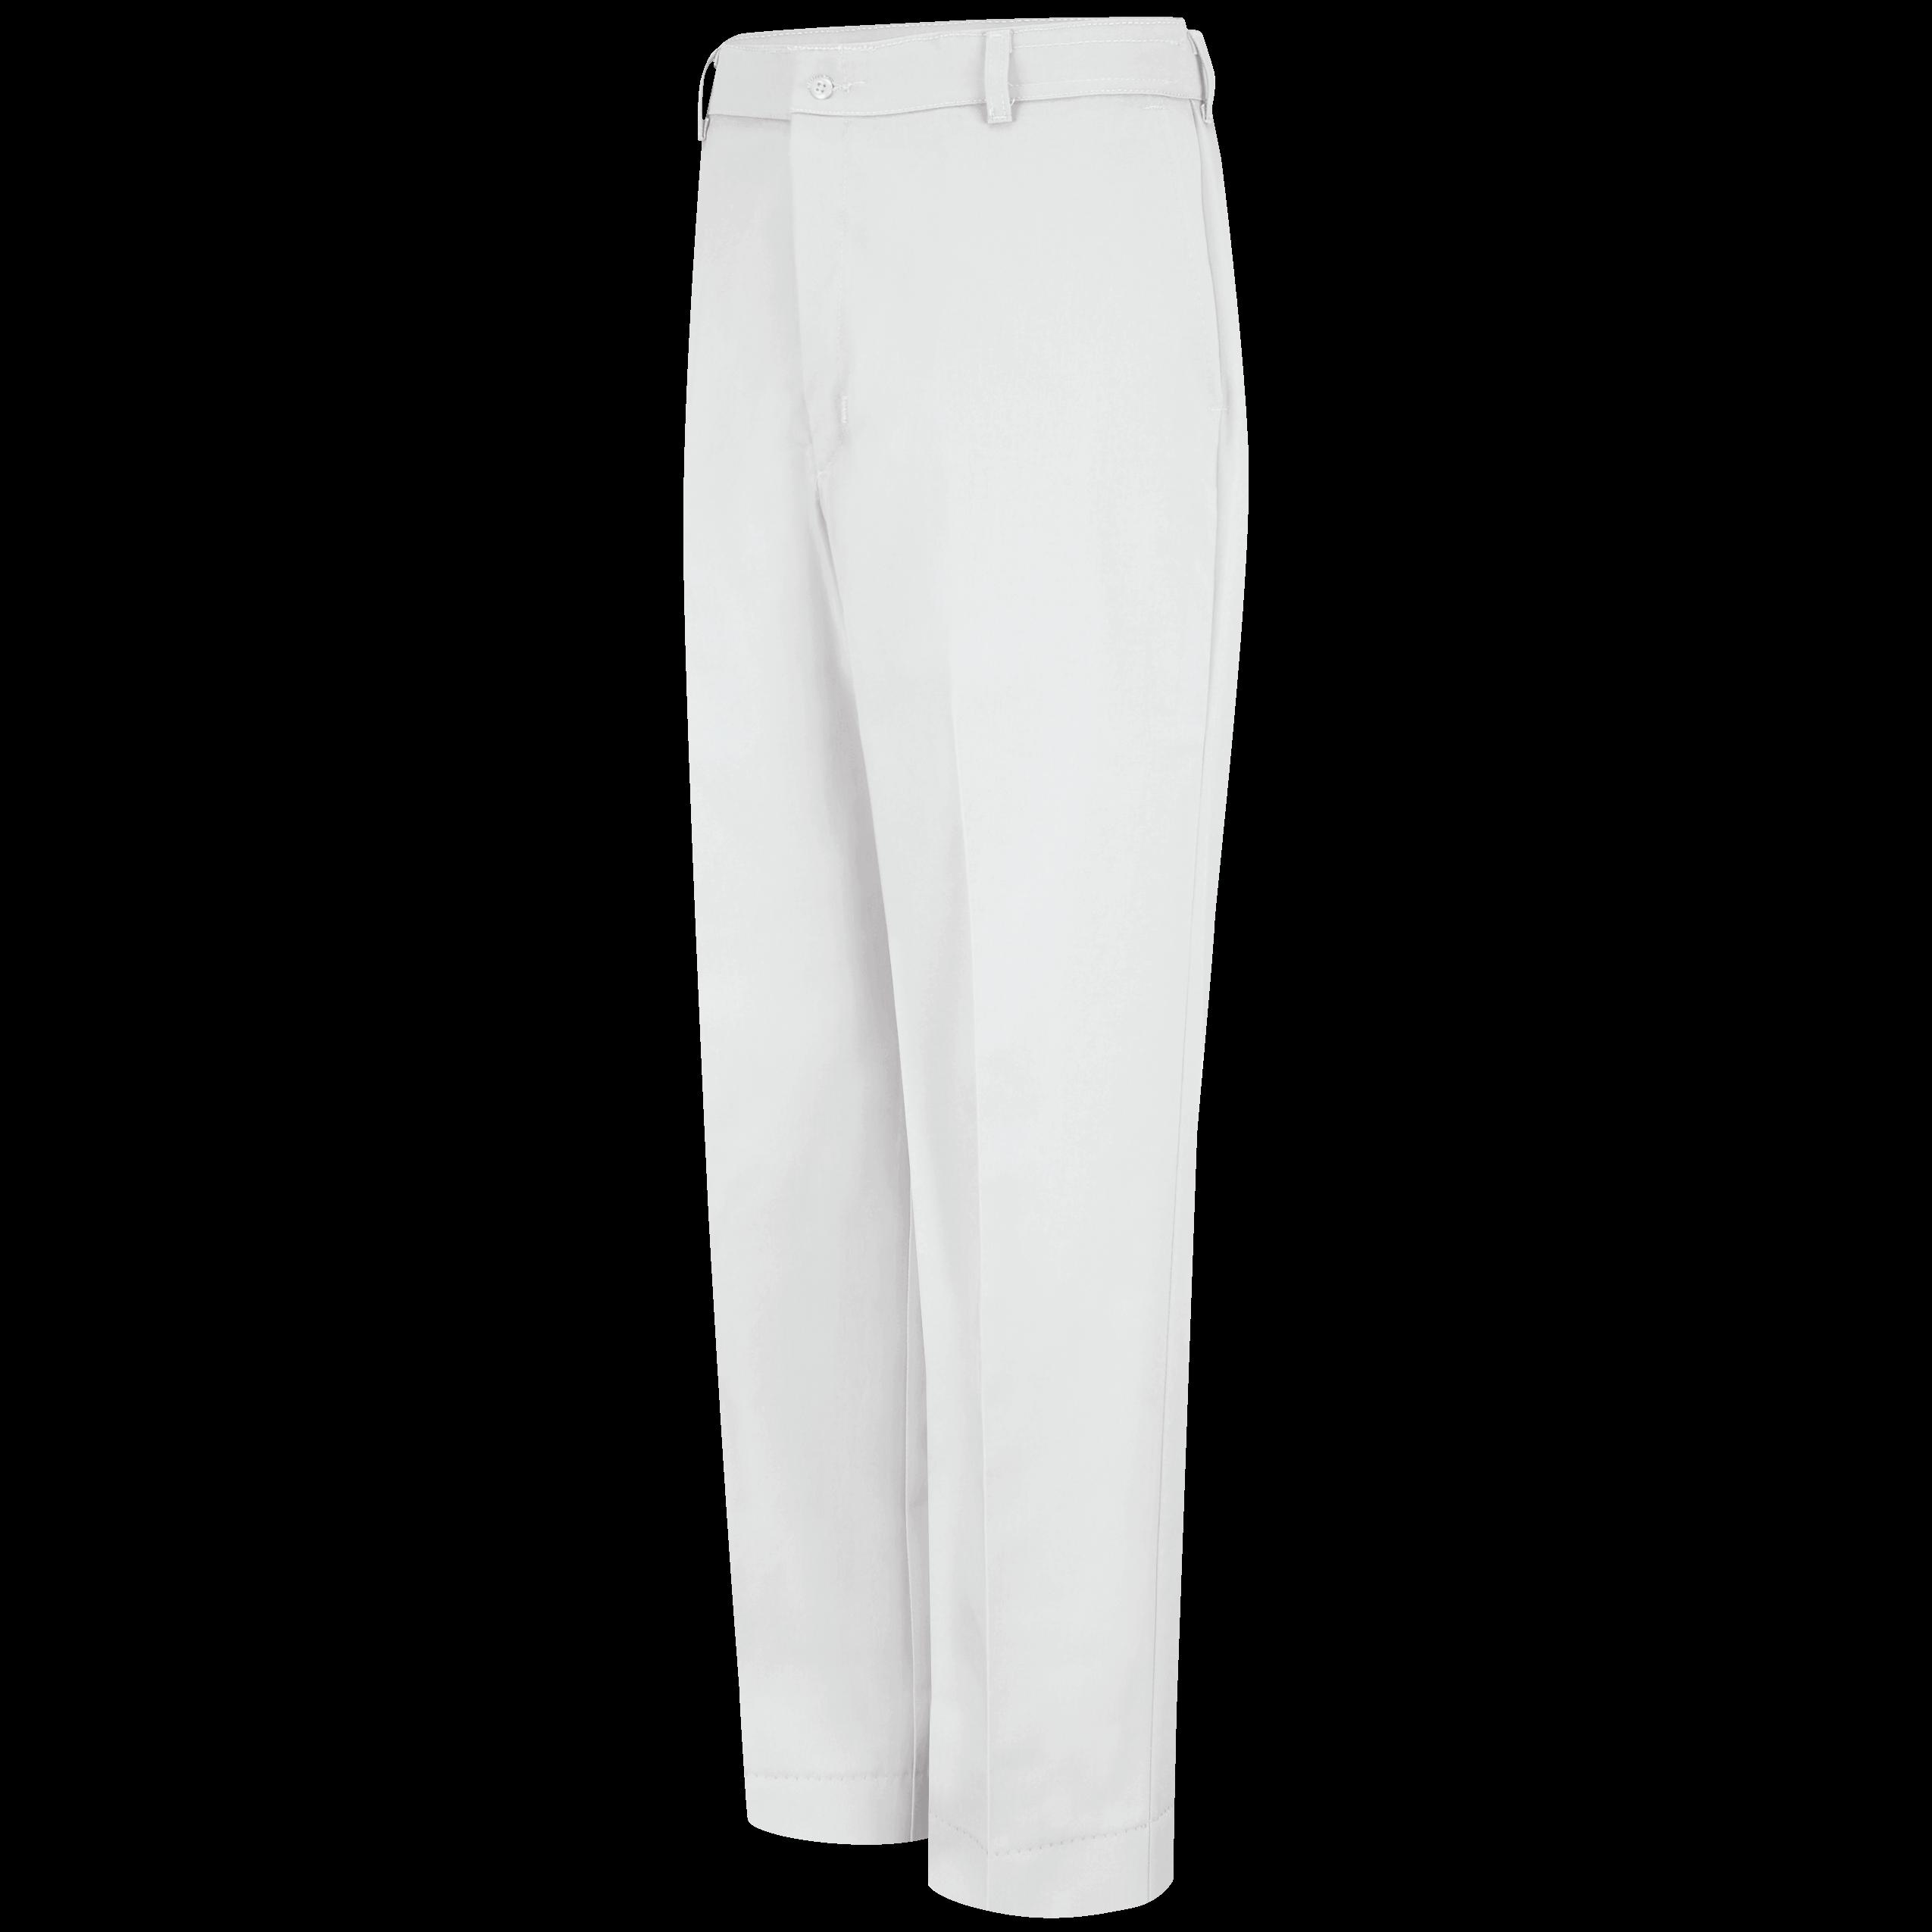 Red Kap Durable Pants Performance Shop Heavy Duty Men/'s Industrial Uniform